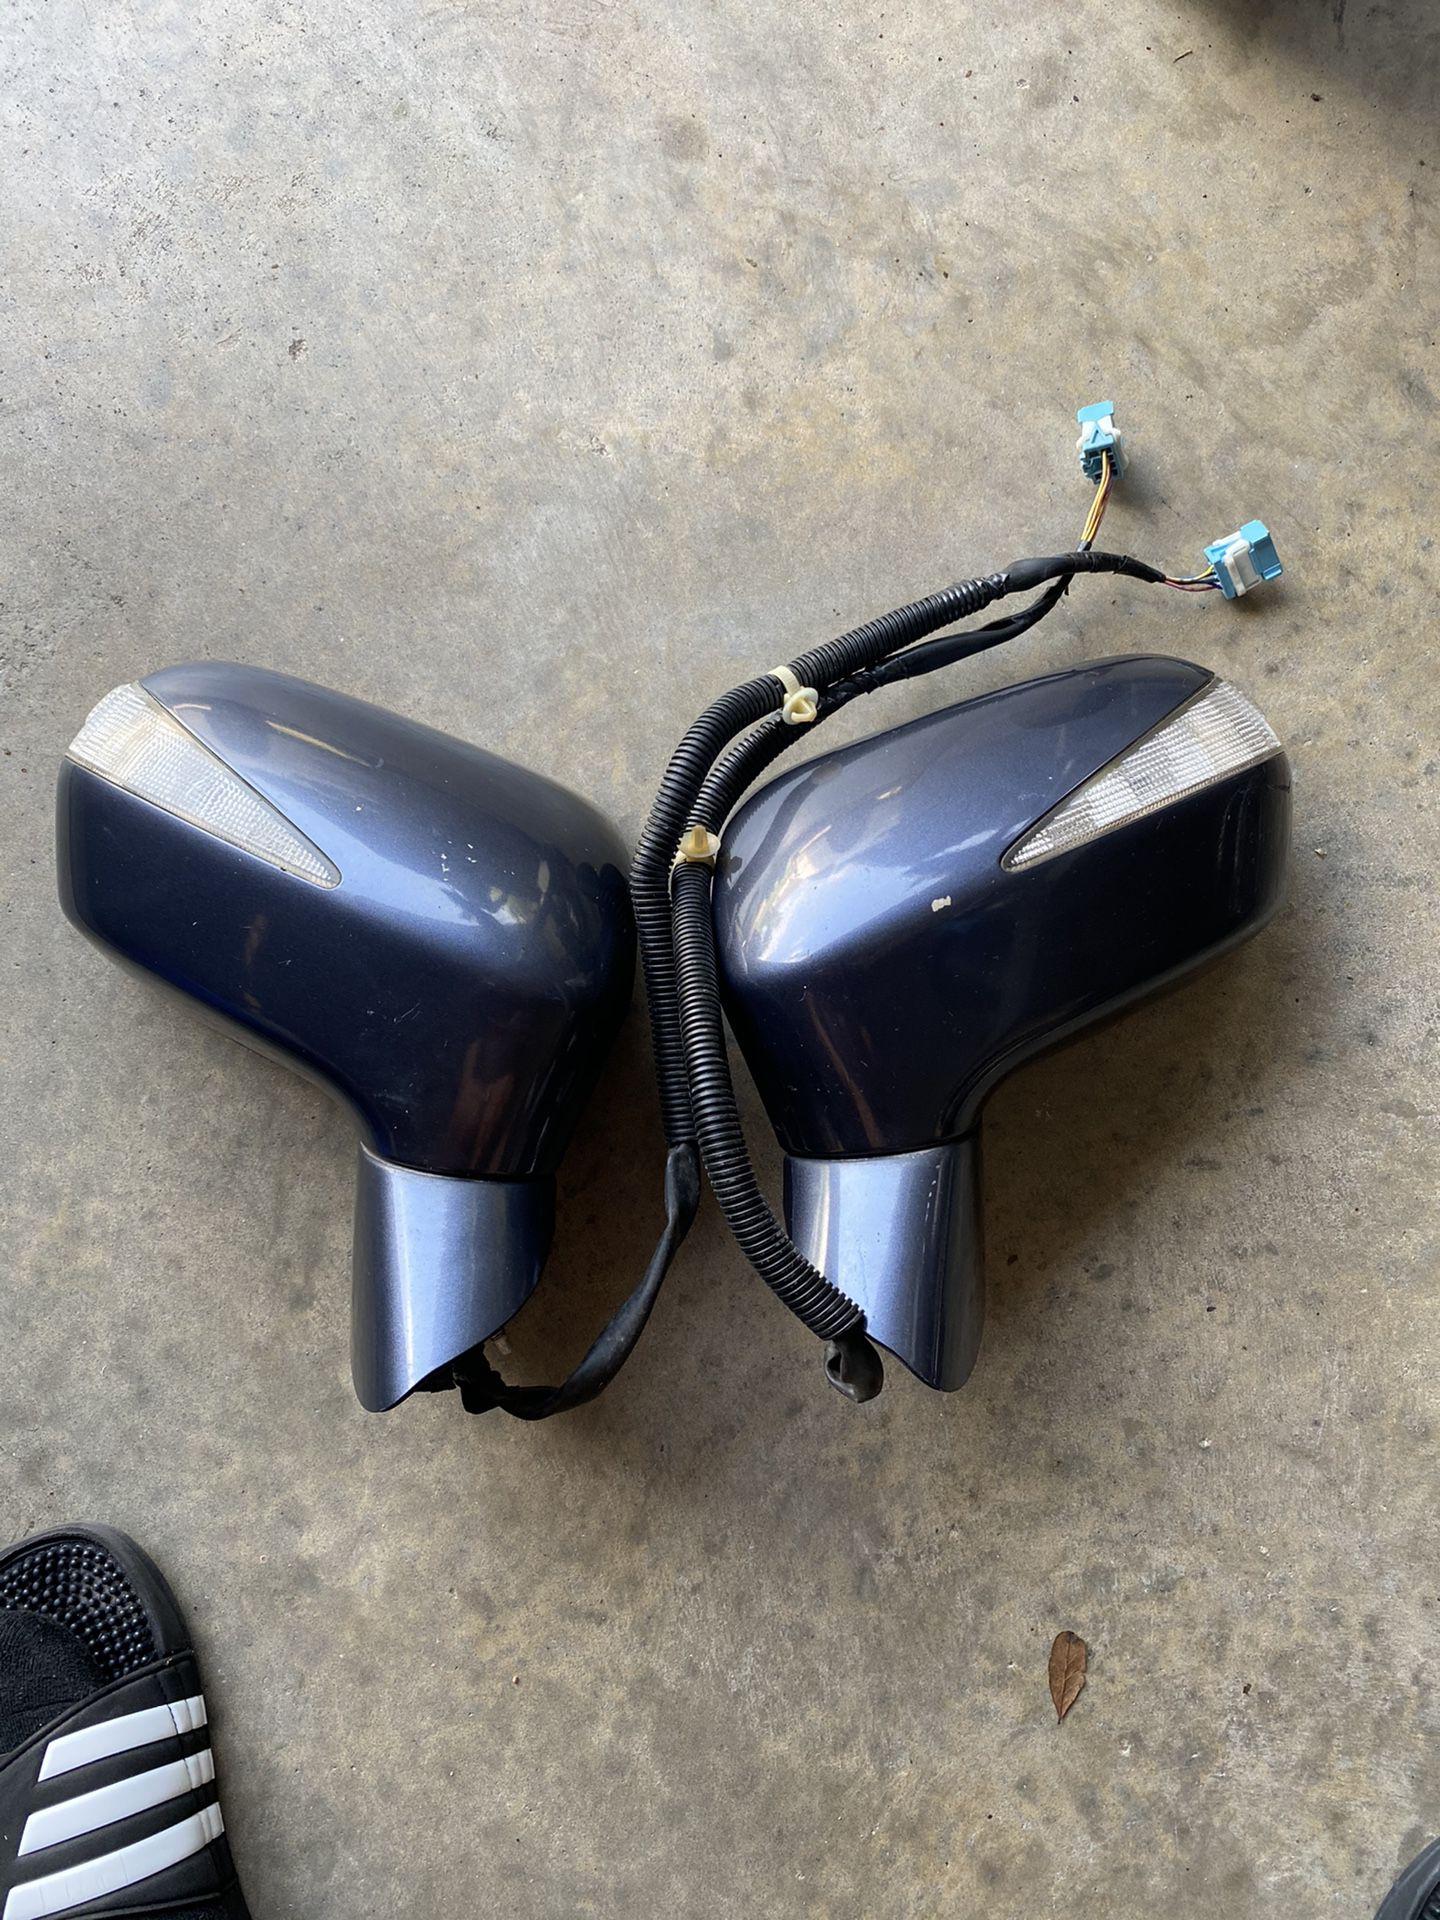 06-11 Honda Civic hybrid Mirrors